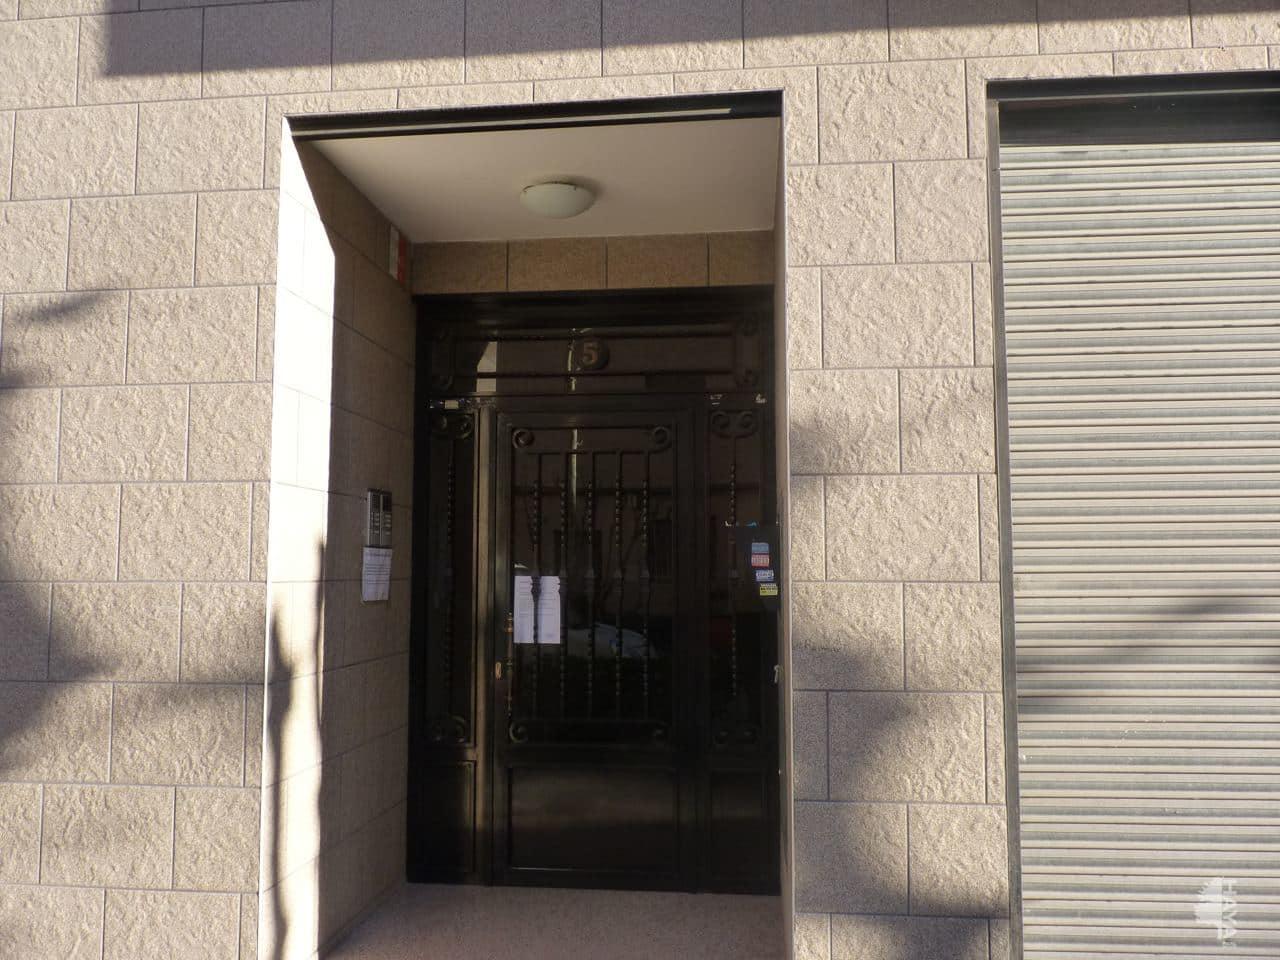 Piso en venta en Crevillent, Alicante, Paseo de la Estacion, 62.500 €, 3 habitaciones, 2 baños, 114 m2